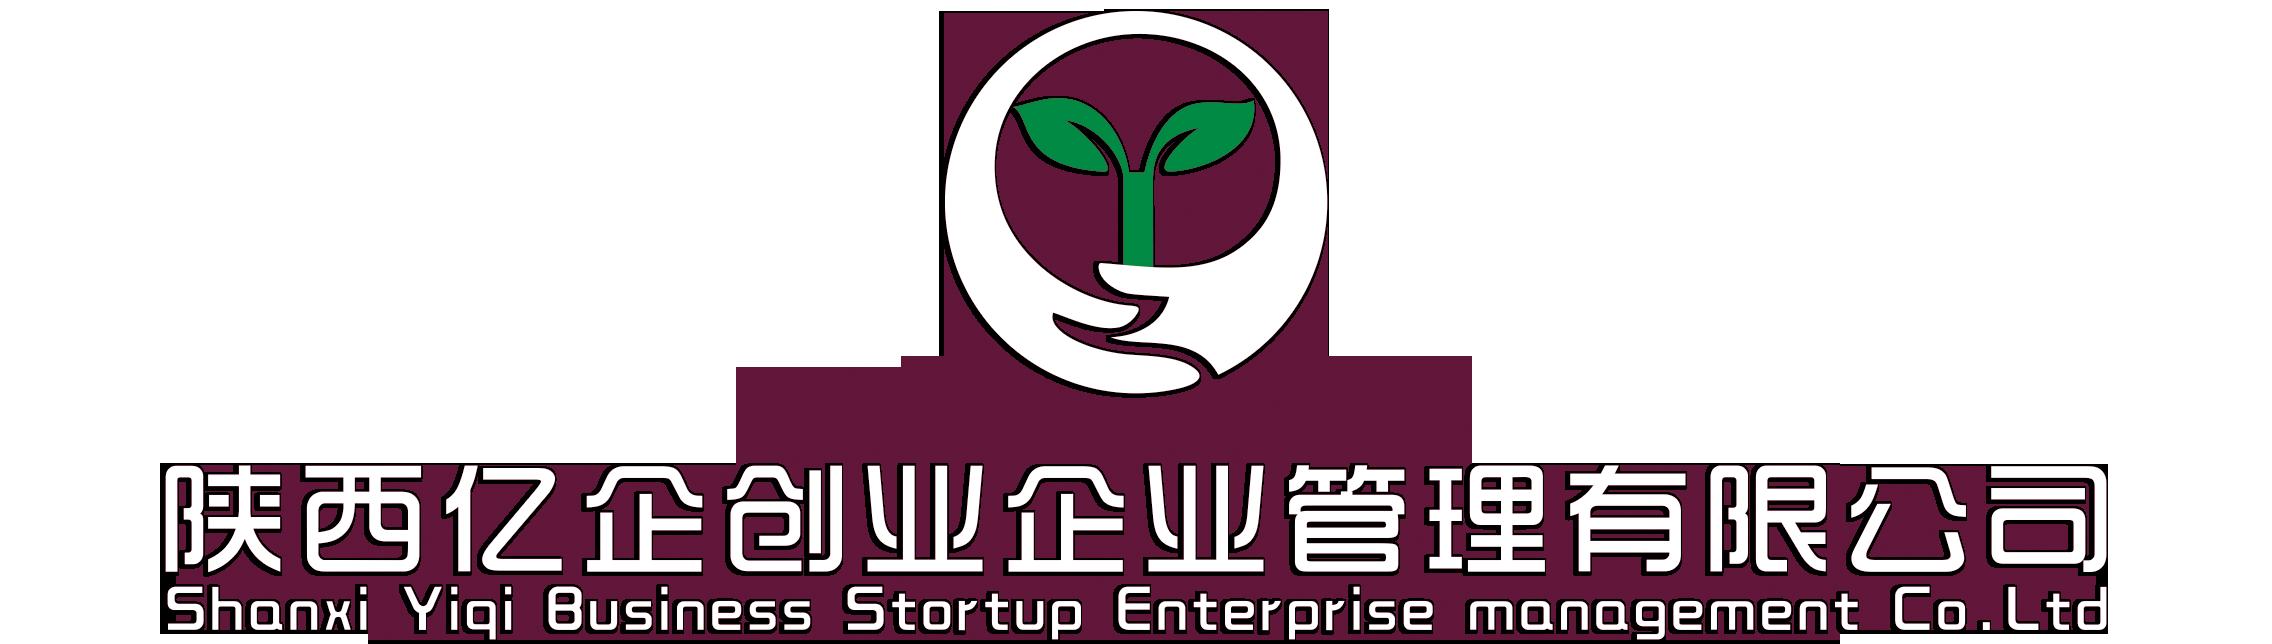 陜西億企創業企業管理有限公司